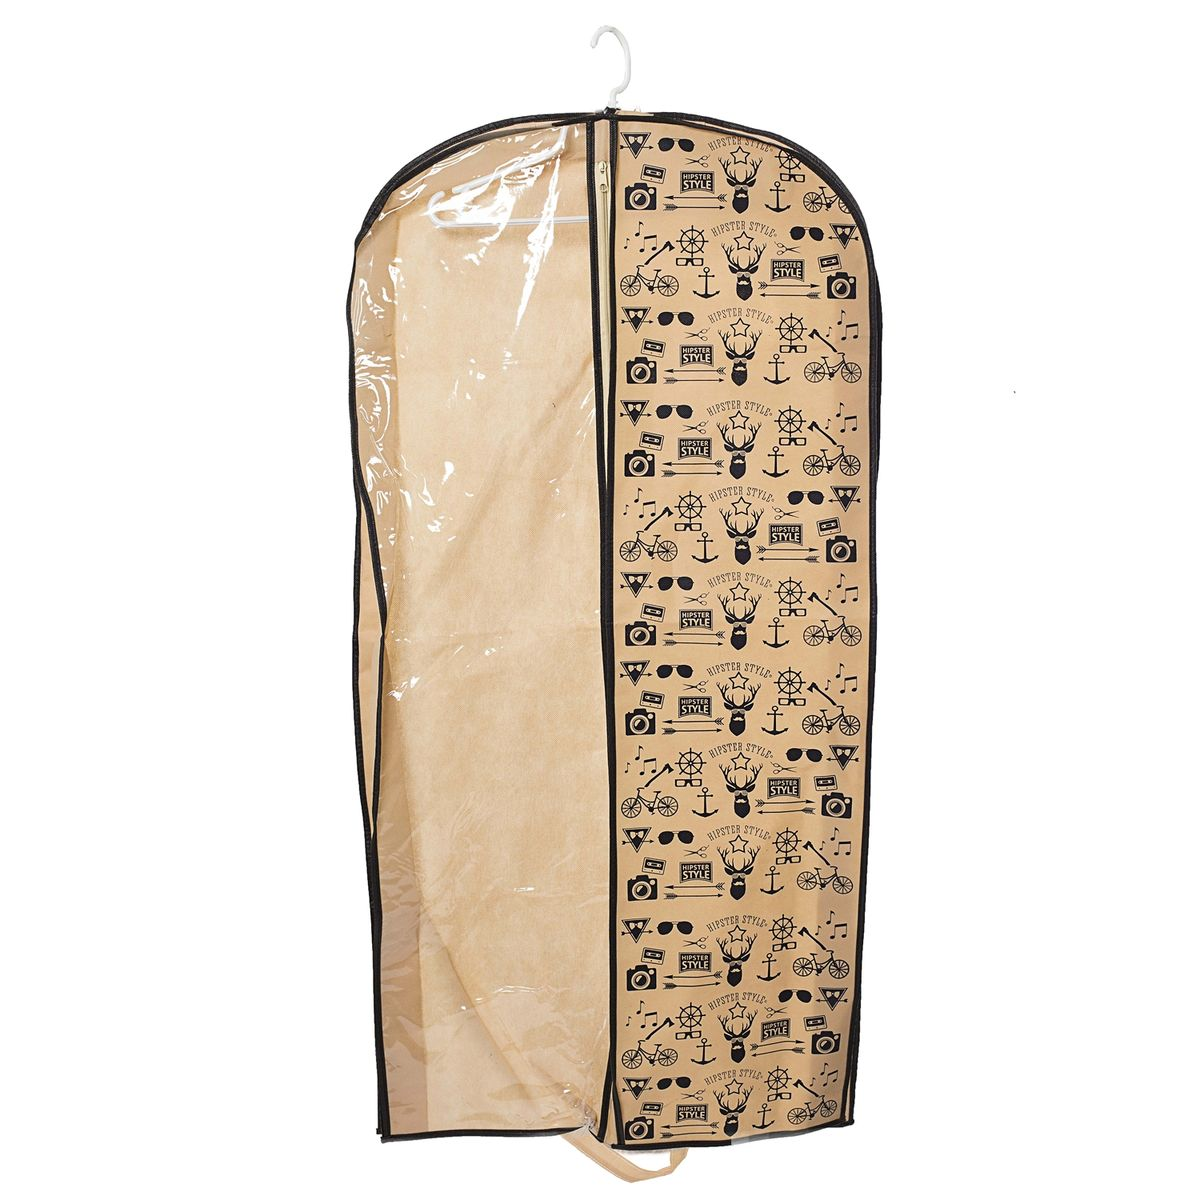 Чехол для одежды Homsu Hipster Style, подвесной, с прозрачной вставкой, 120 x 60 x 10 см органайзер homsu hipster style 31 х 24 х 11 см hom 759